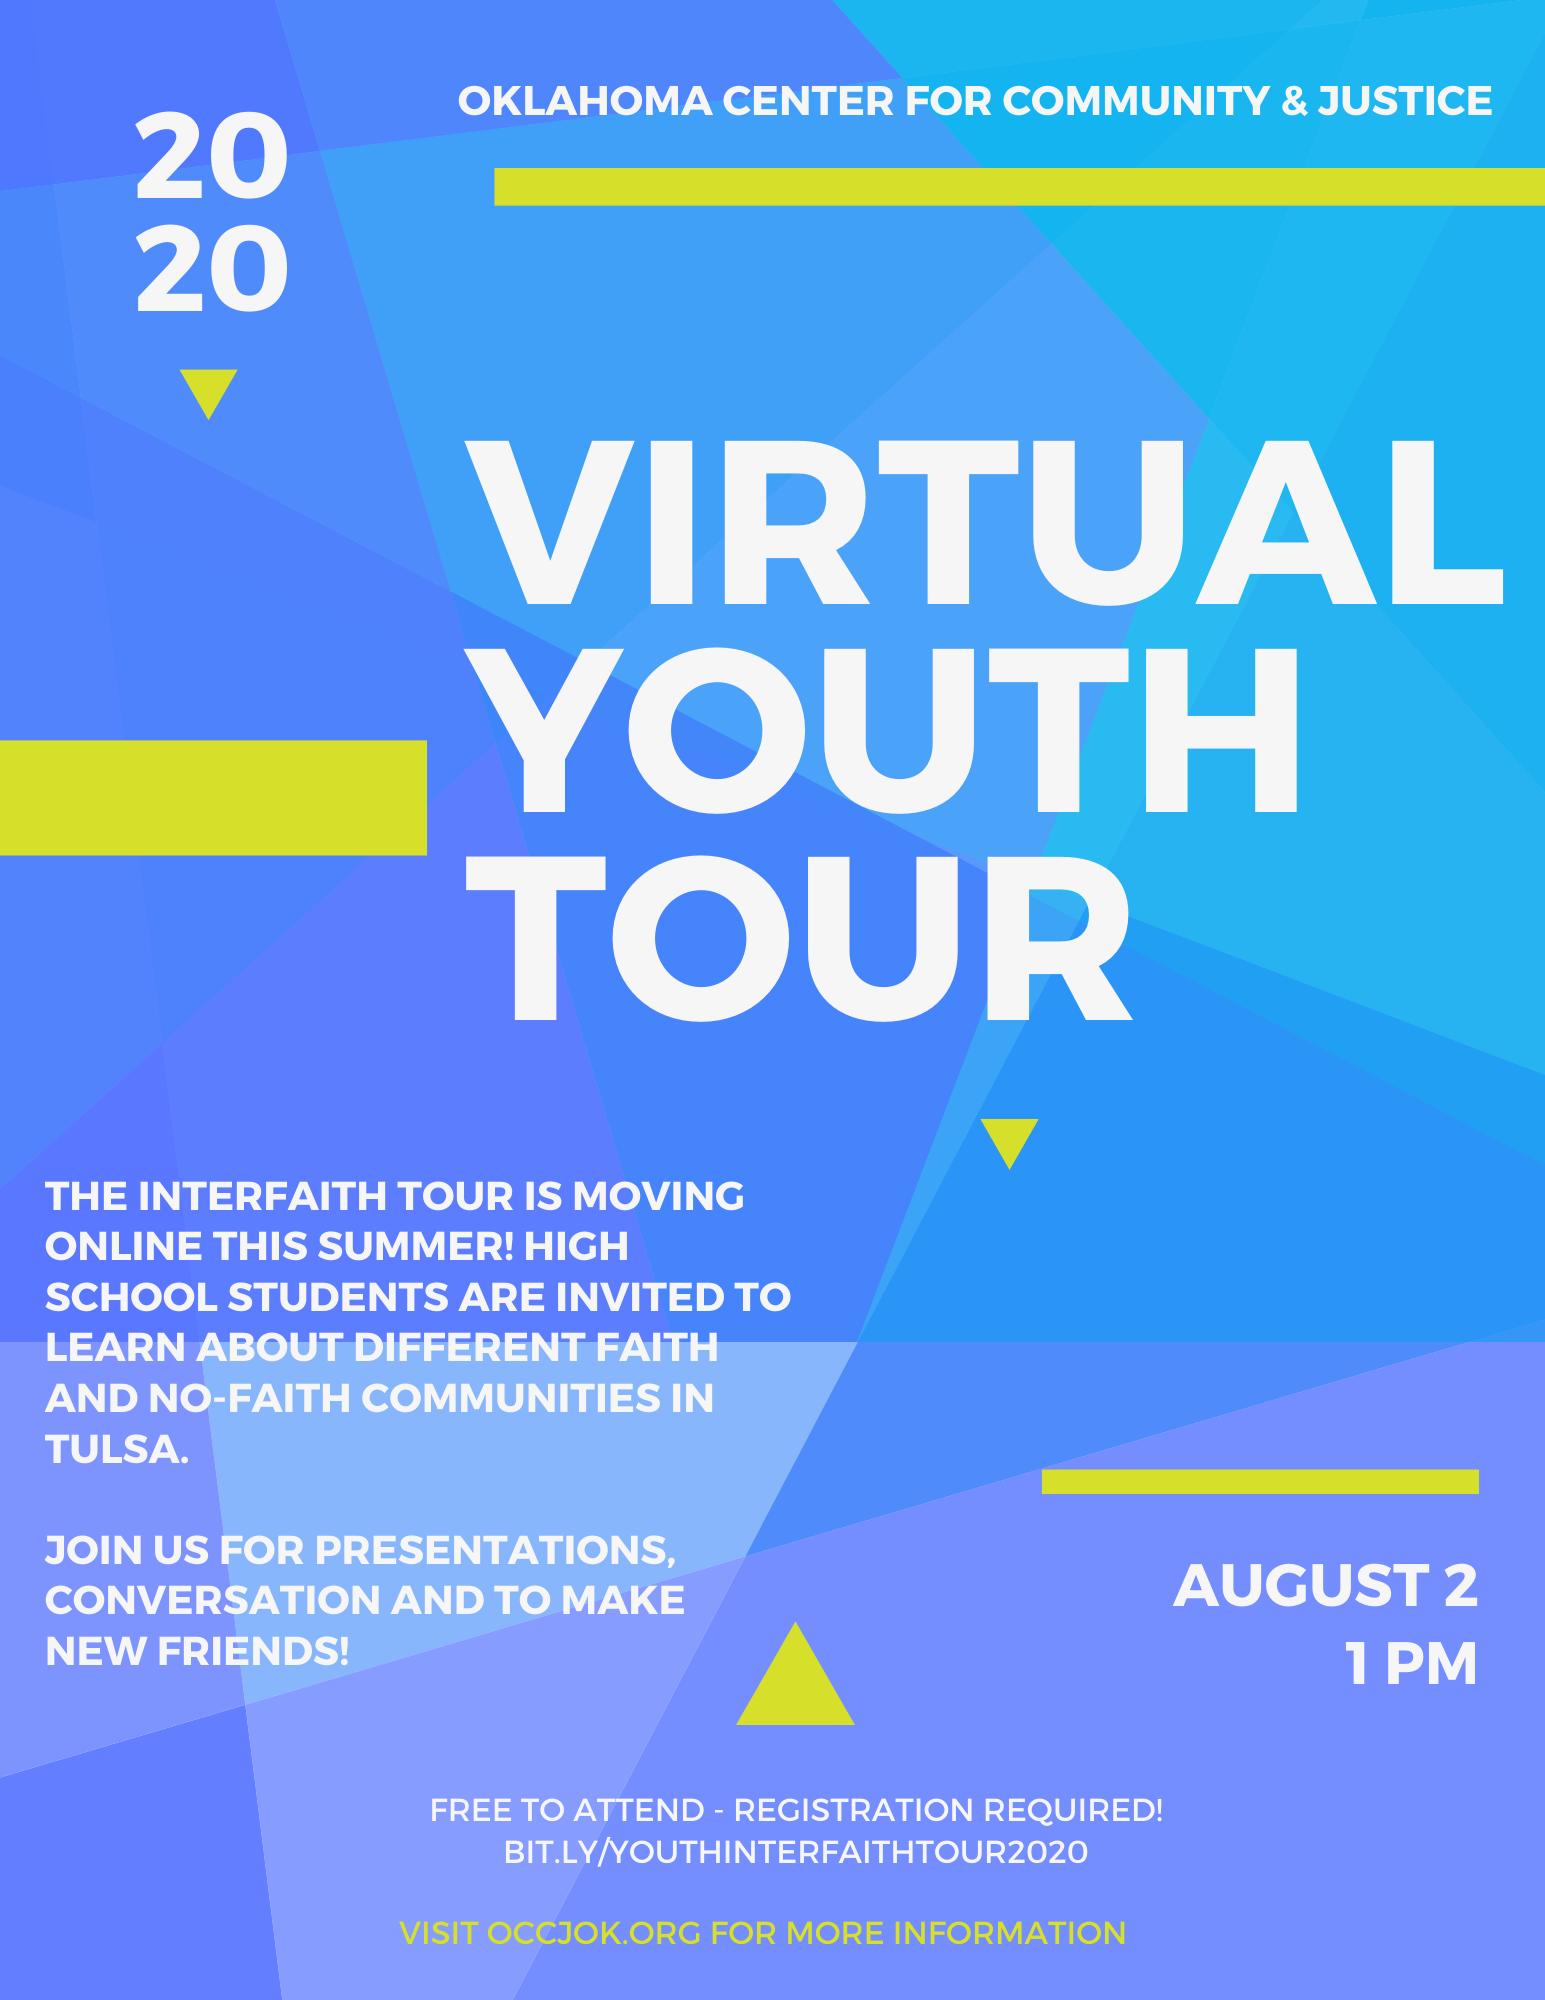 Youth Interfaith Tour